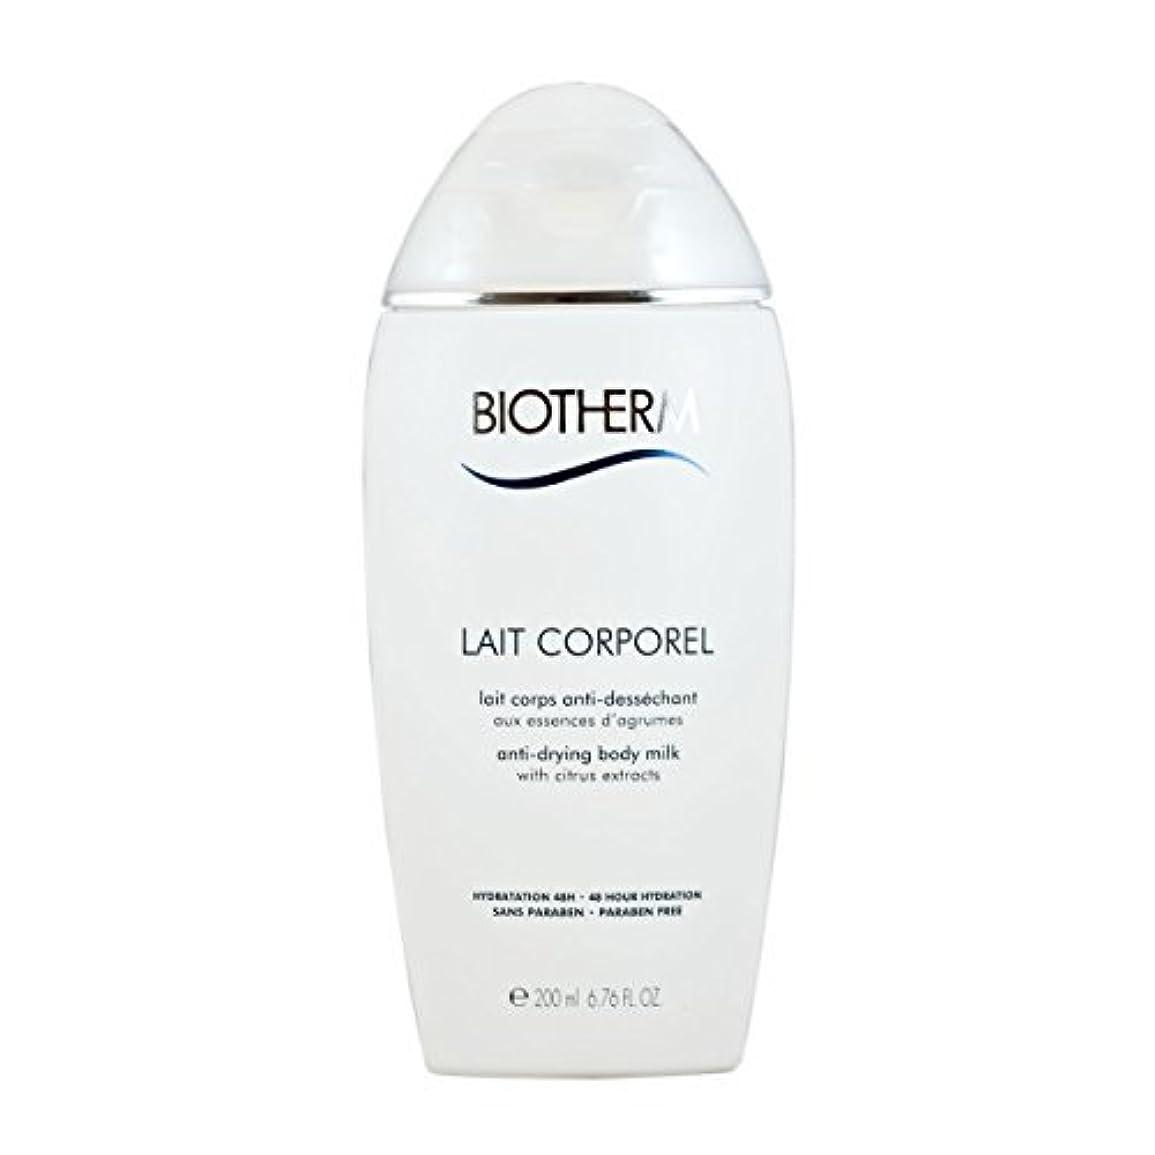 ミット鳩地下Biotherm Lait Corporel Anti-Drying Body Milk 6.76 Ounce [並行輸入品]